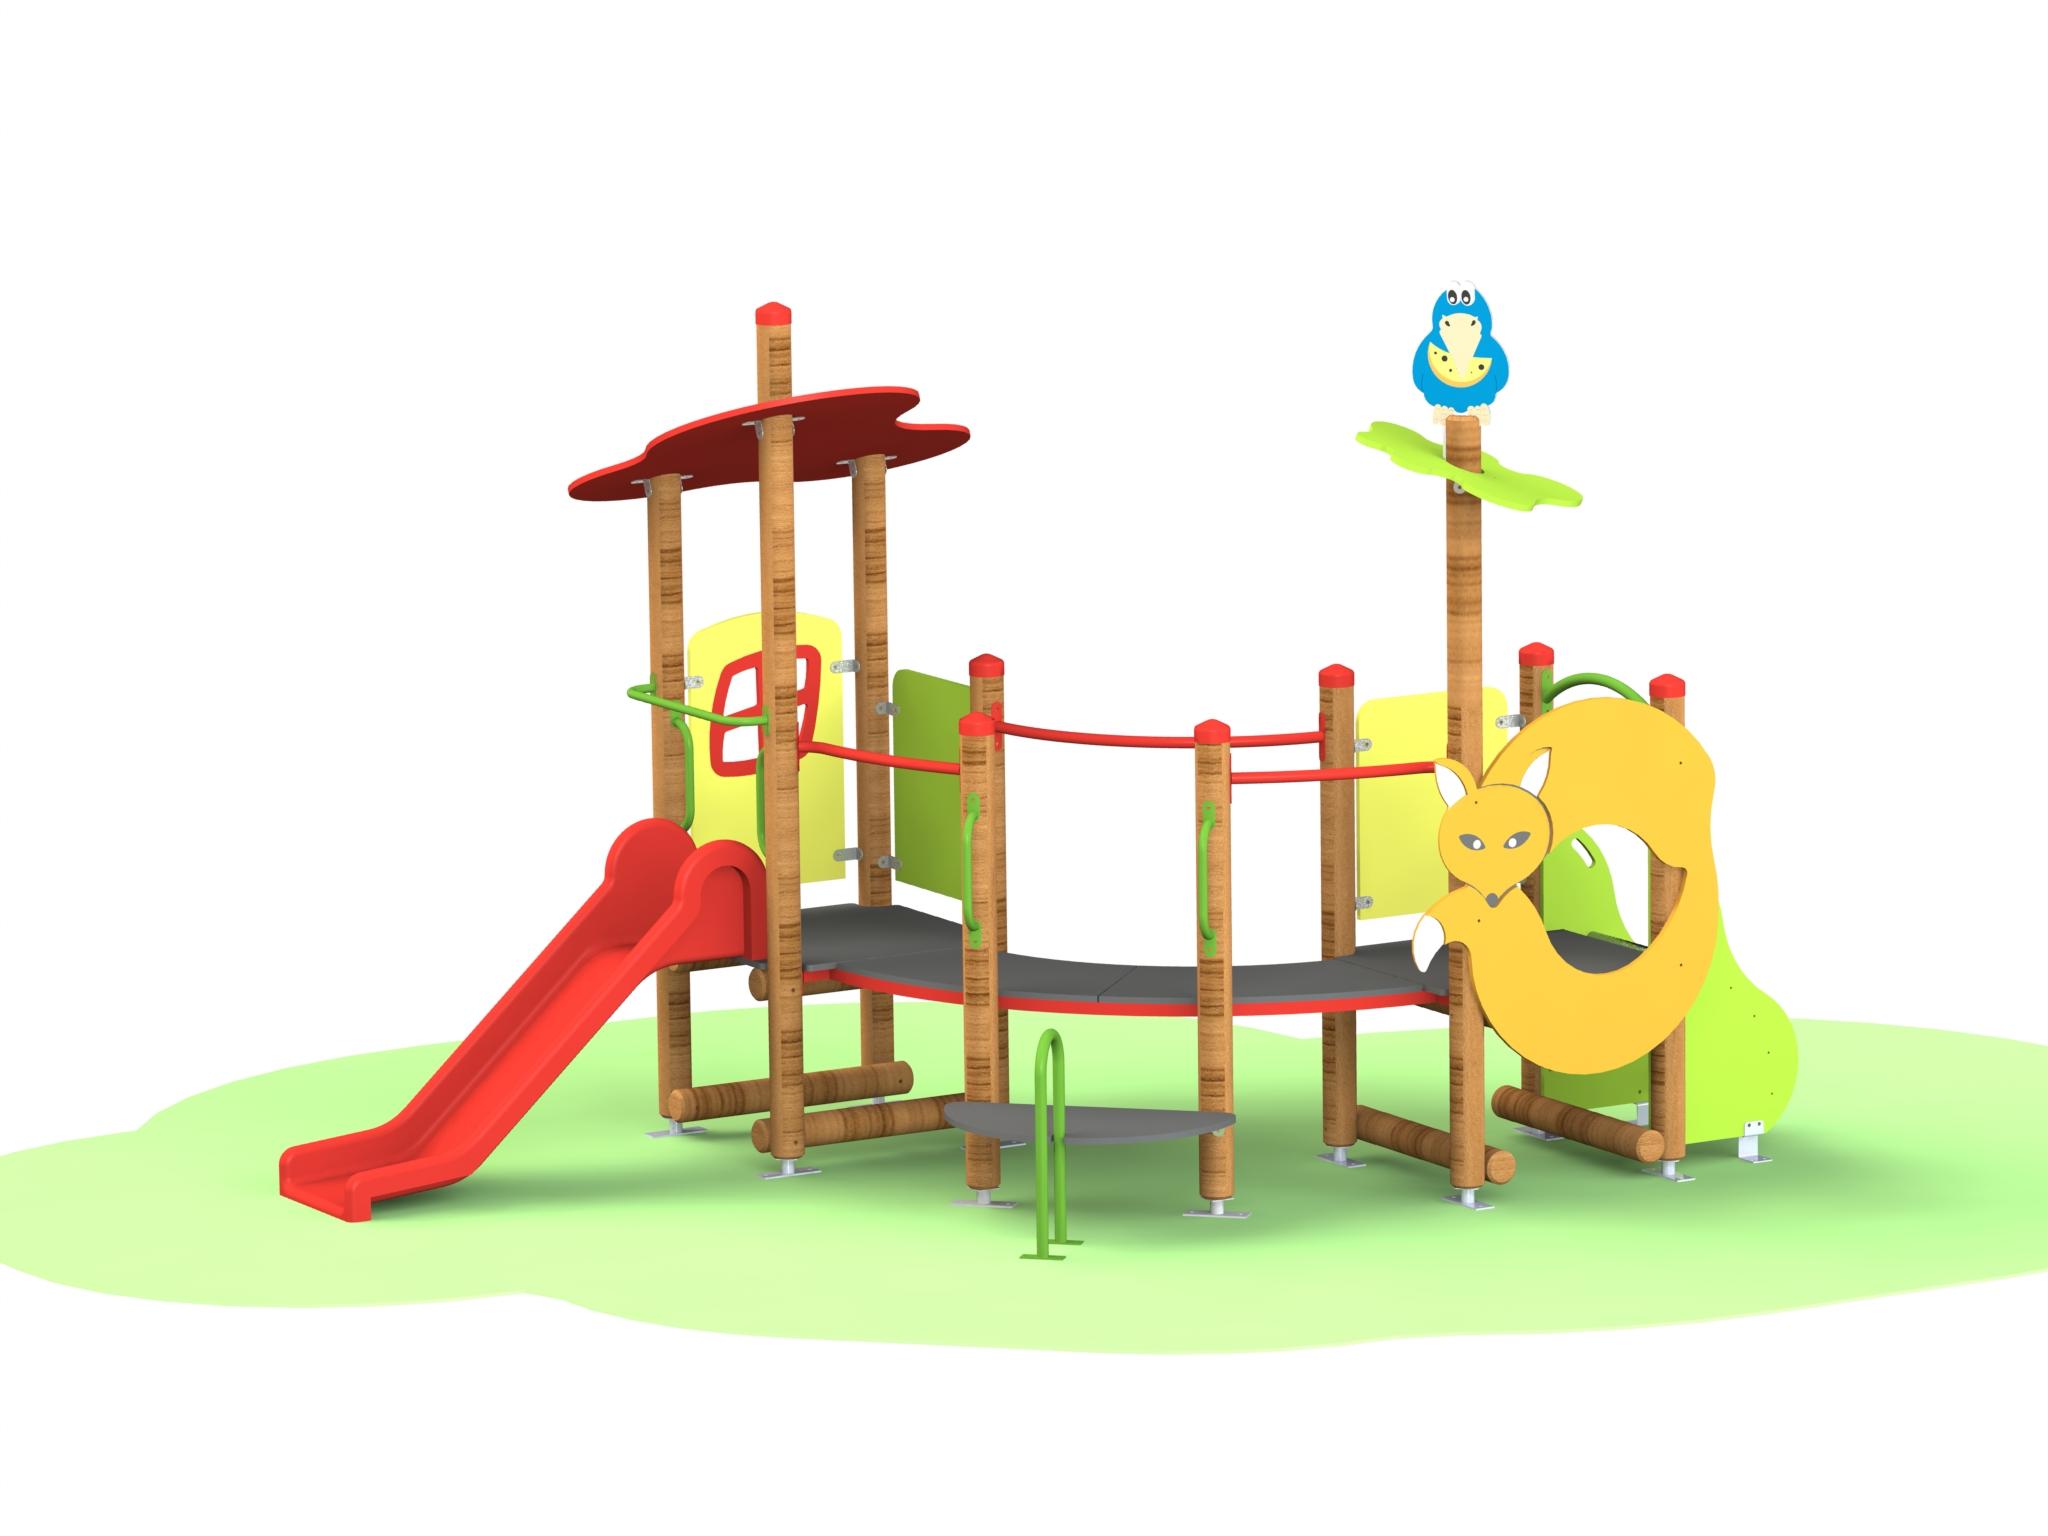 Снимка на продукта: Комбинирано детско съоръжение, модел Г24